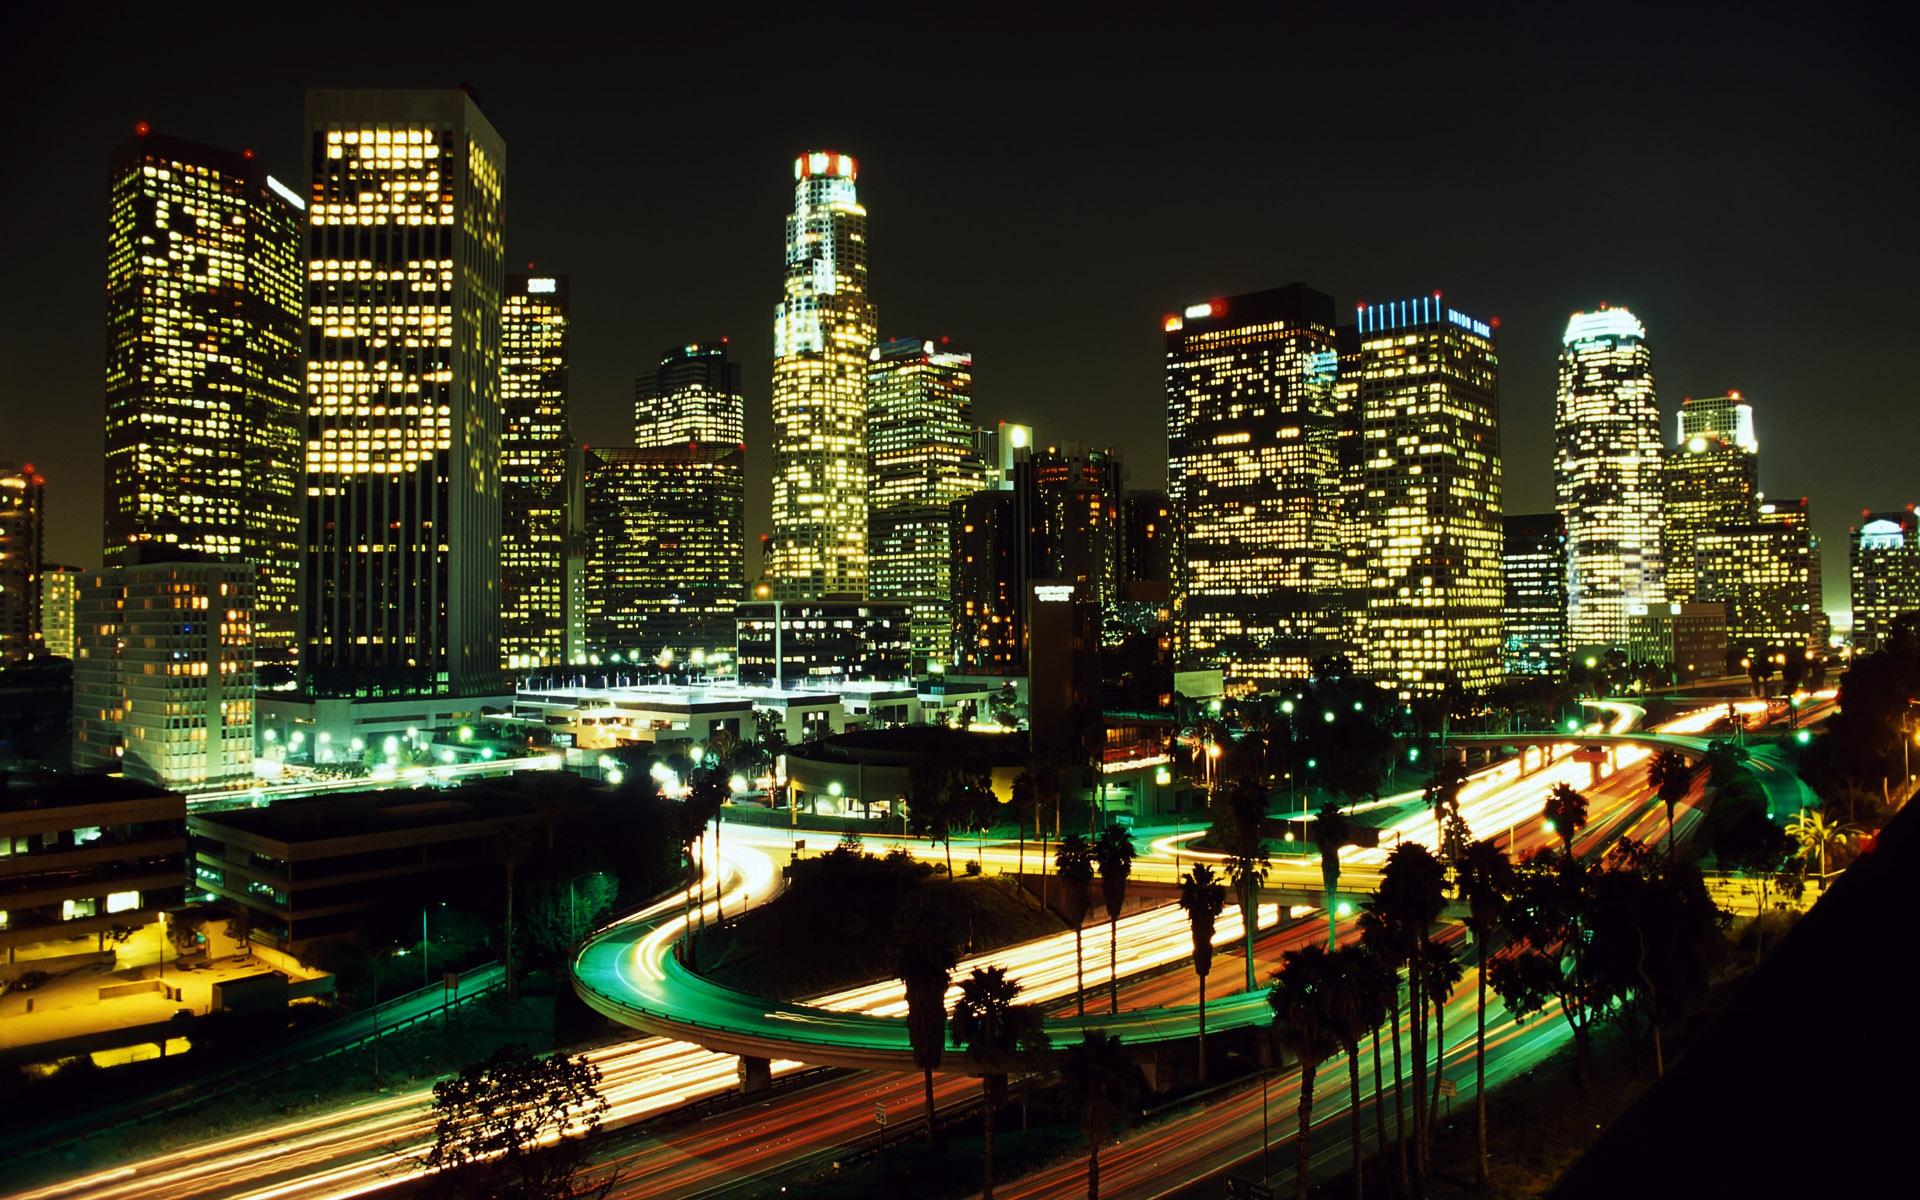 cidade_a_noite_bf6842abd512c6fddb159579d85fb956_city_night_light_12